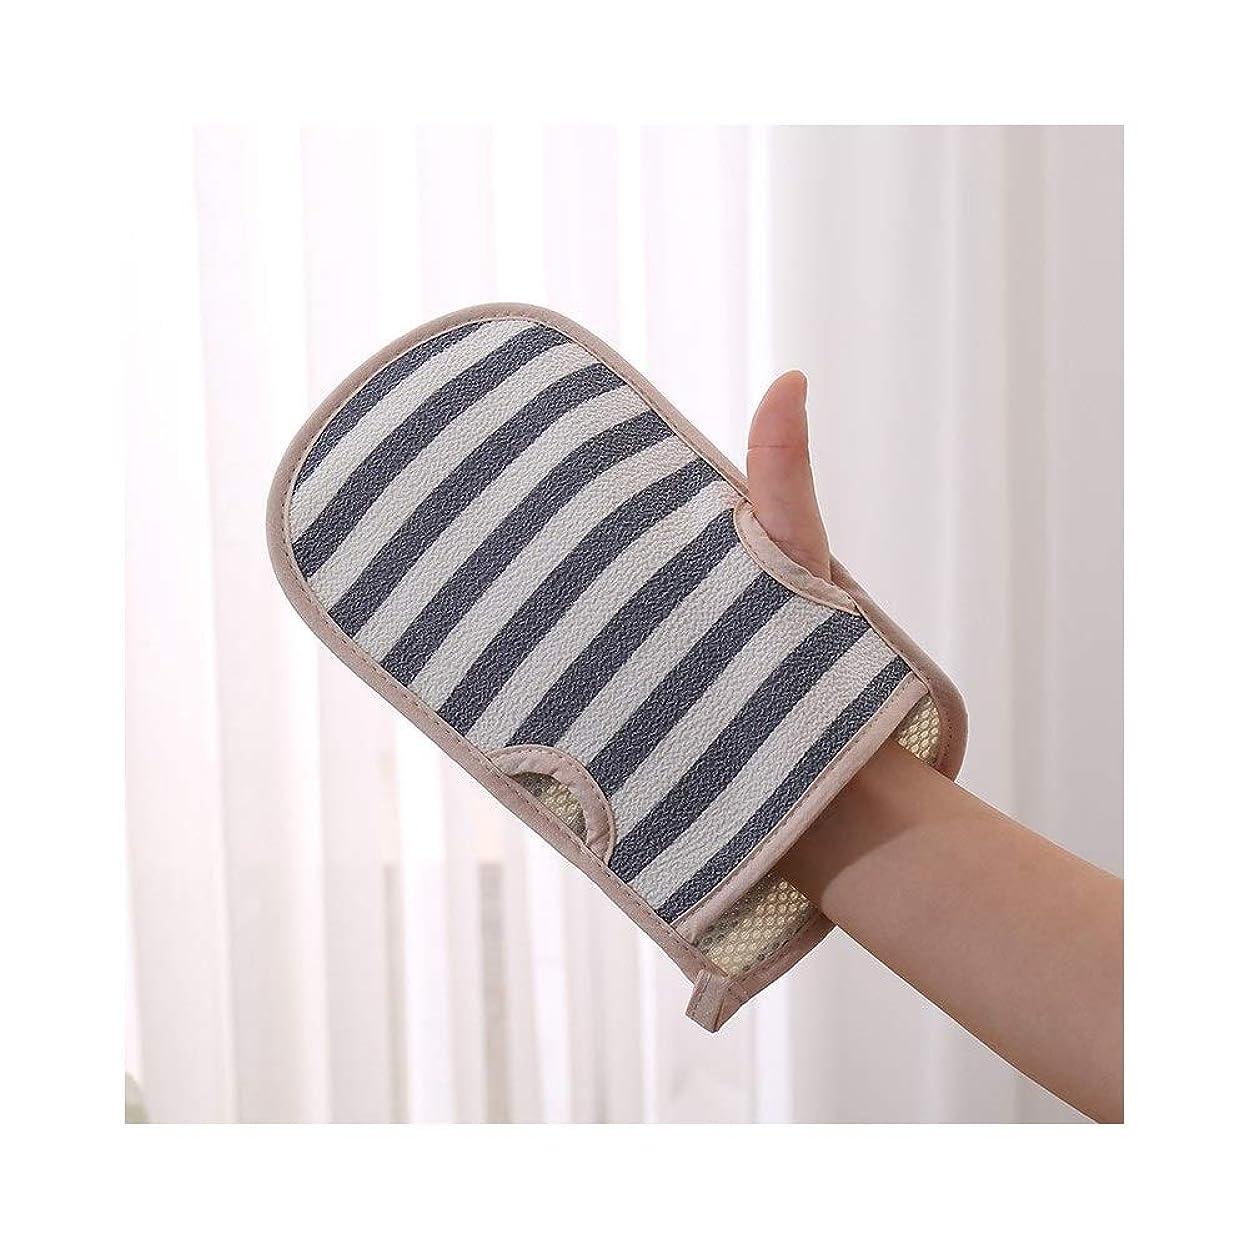 呼び起こすフクロウまあBTXXYJP シャワー手袋 お風呂用手袋 あかすり手袋 ボディブラシ やわらか ボディタオル バス用品 男女兼用 角質除去 (Color : Navy)